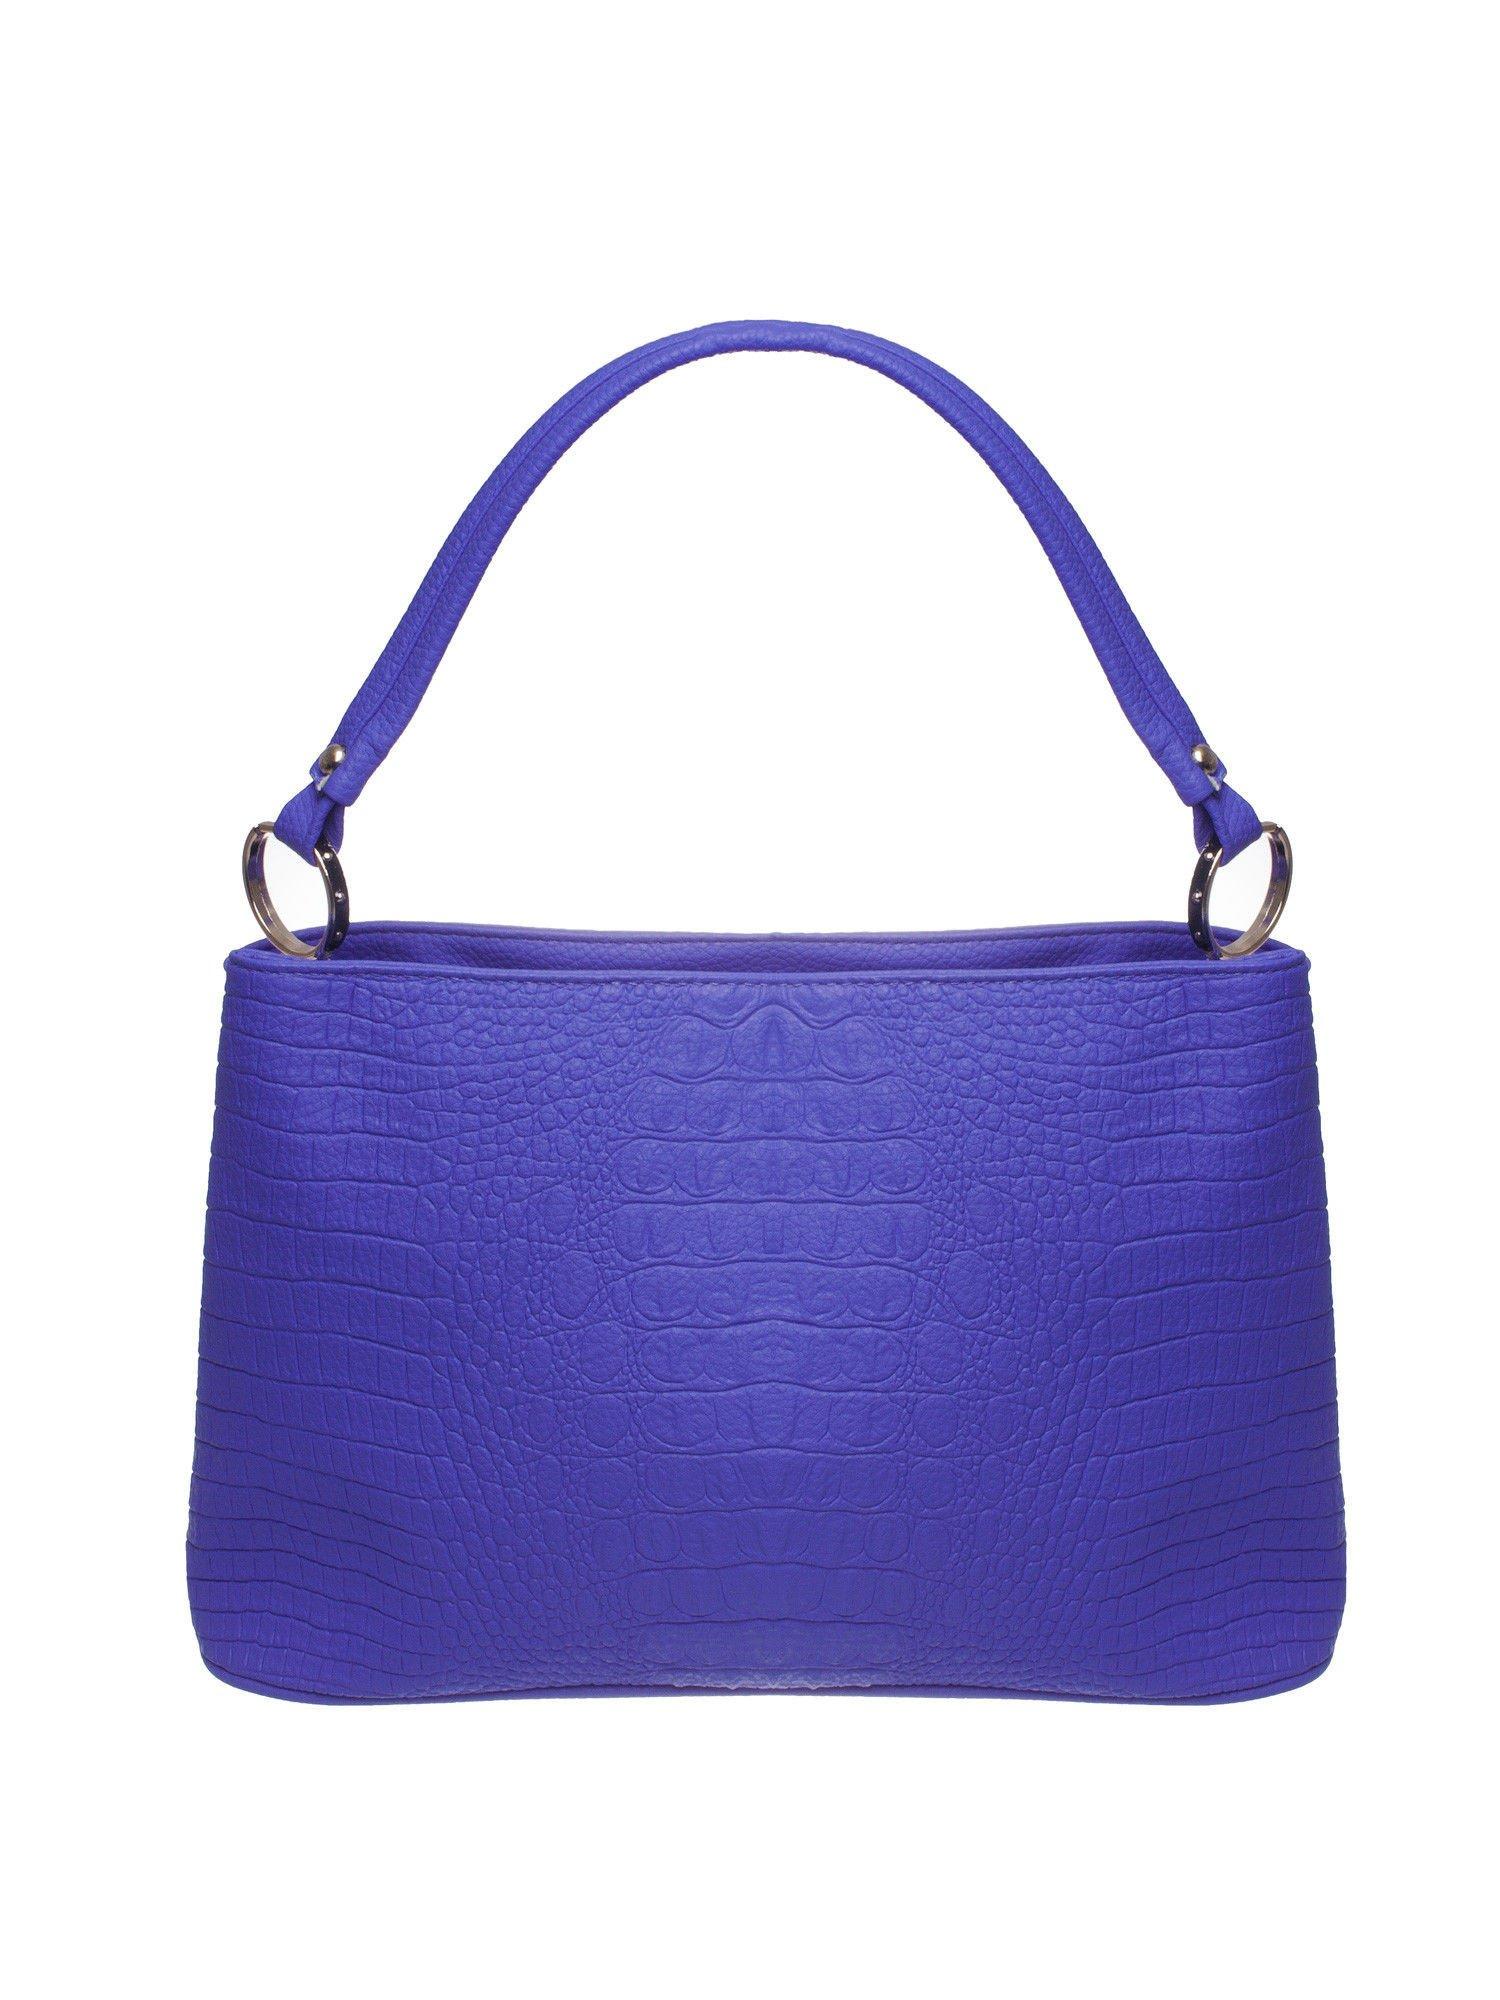 Niebieska torebka na ramię tłoczona na wzór skóry krokodyla                                  zdj.                                  1